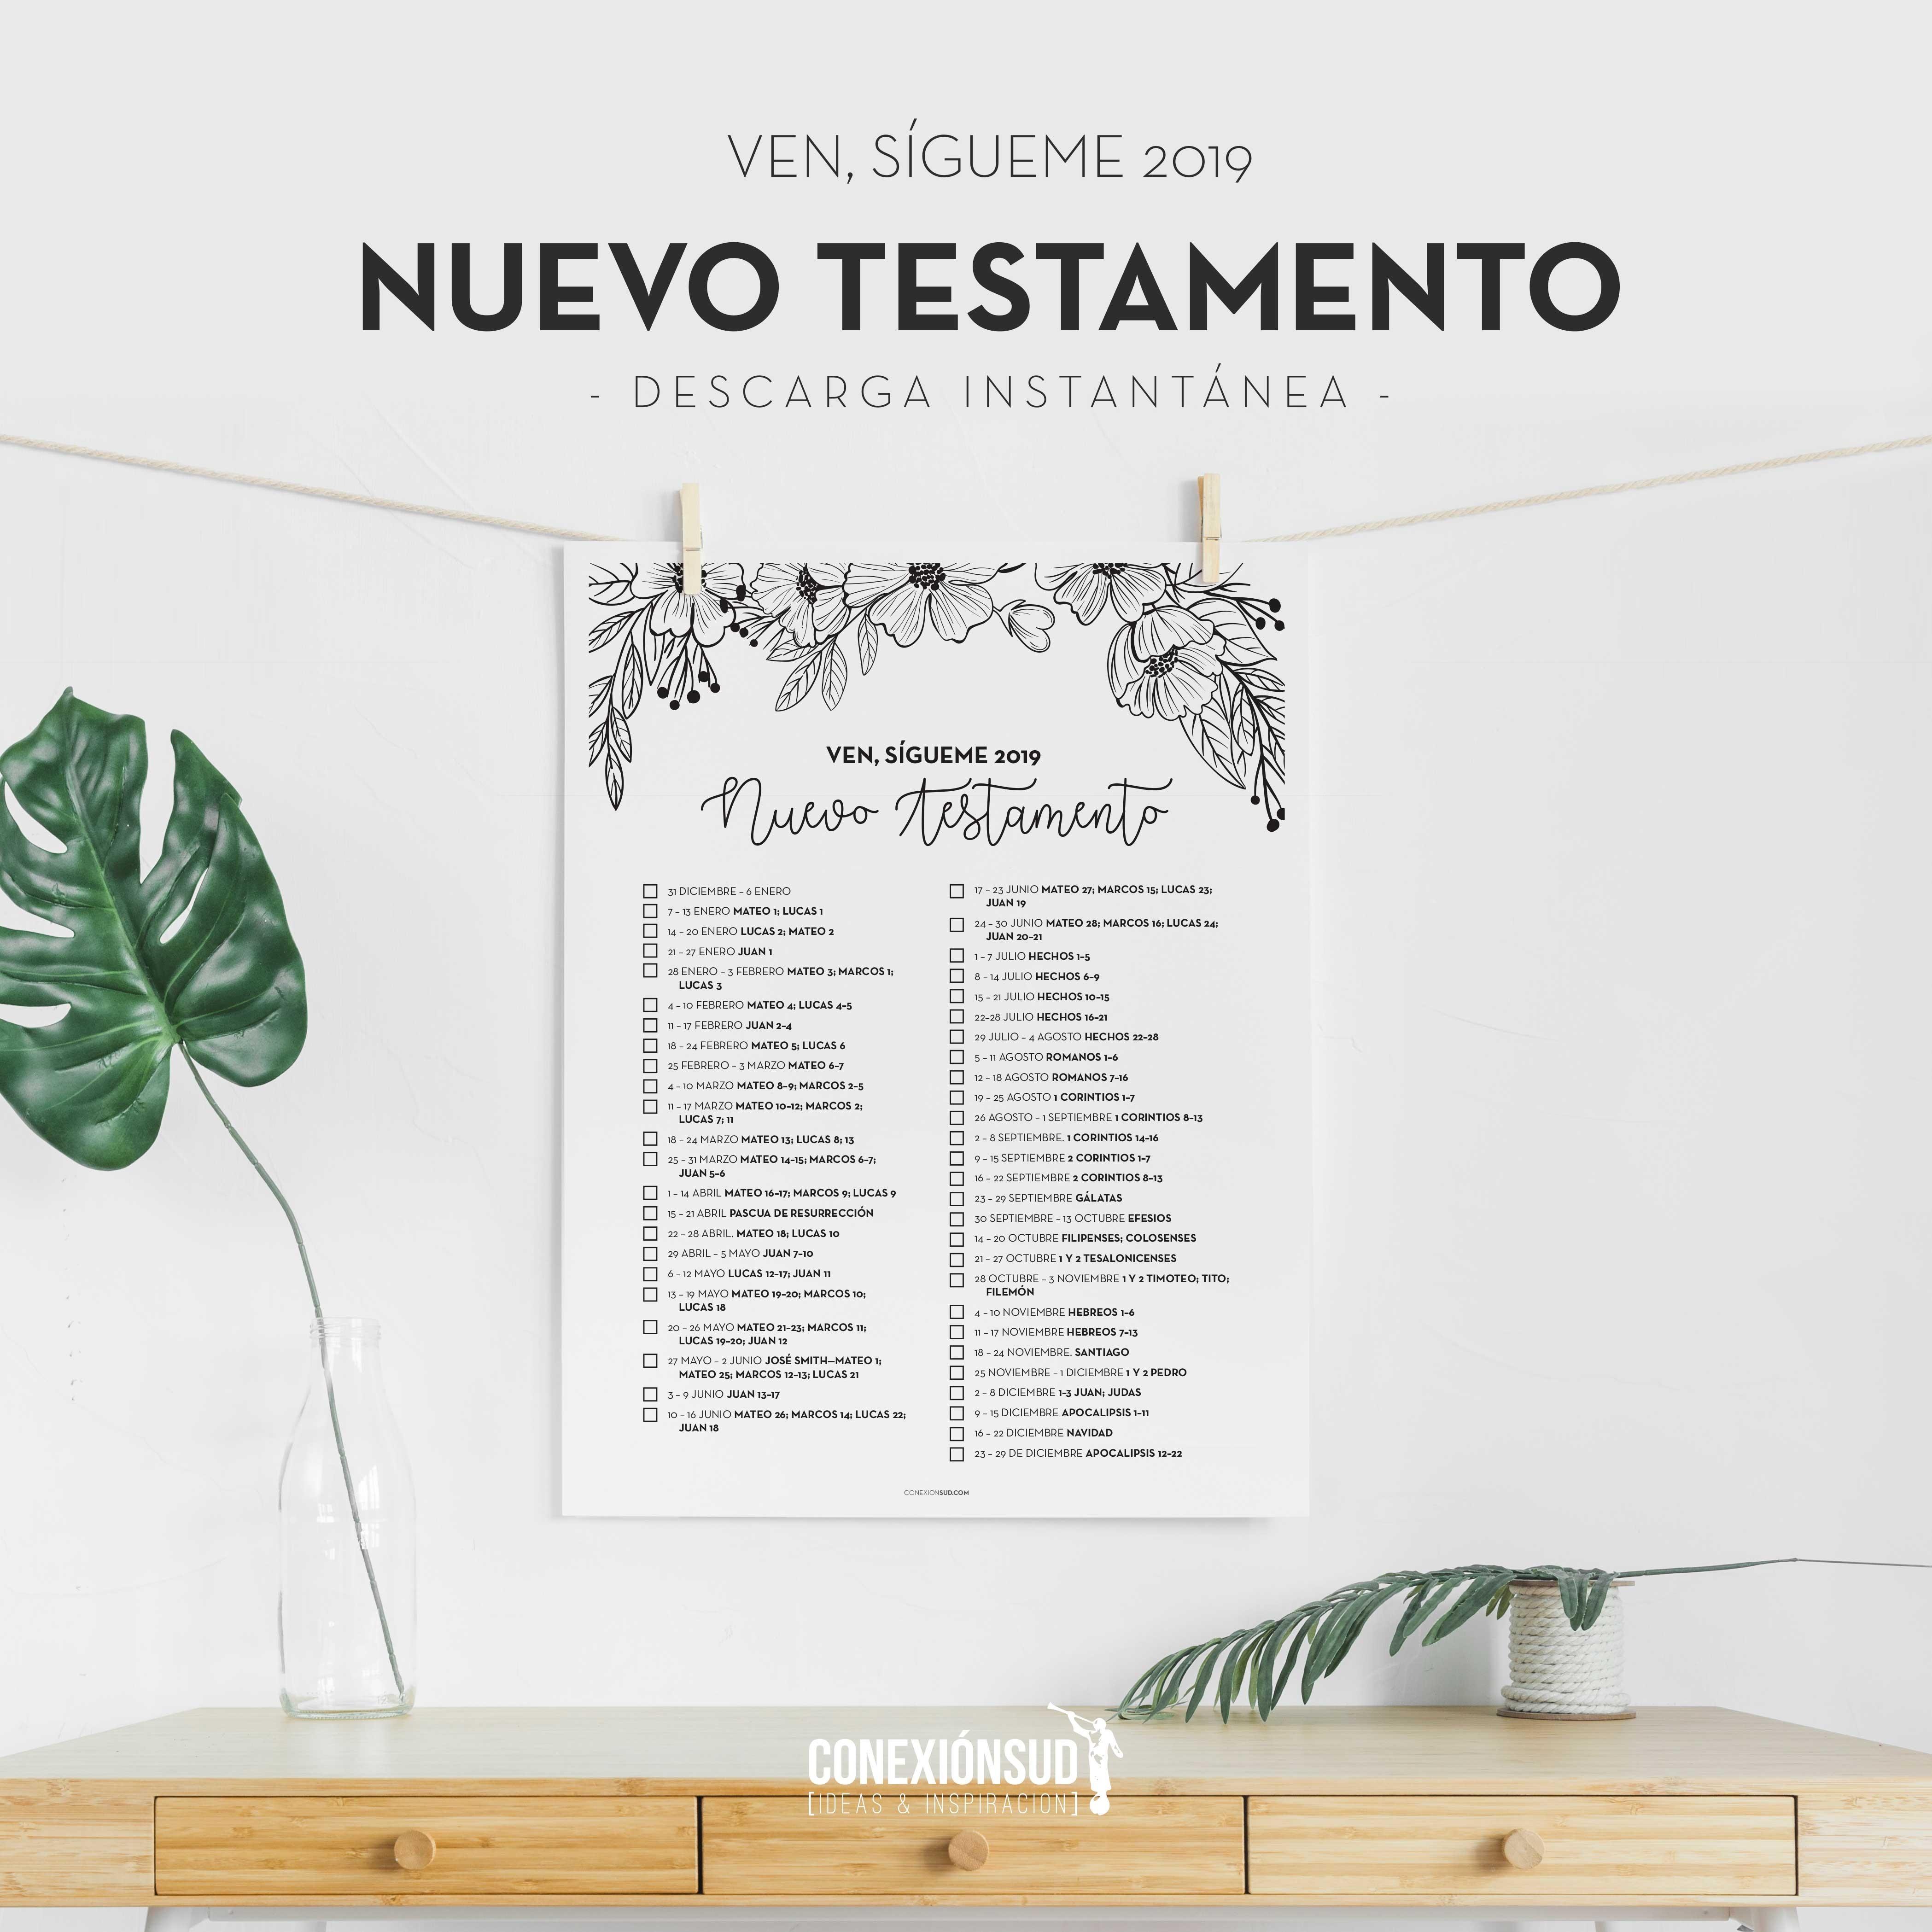 Ven Sgueme 2019 El Nuevo Testamento